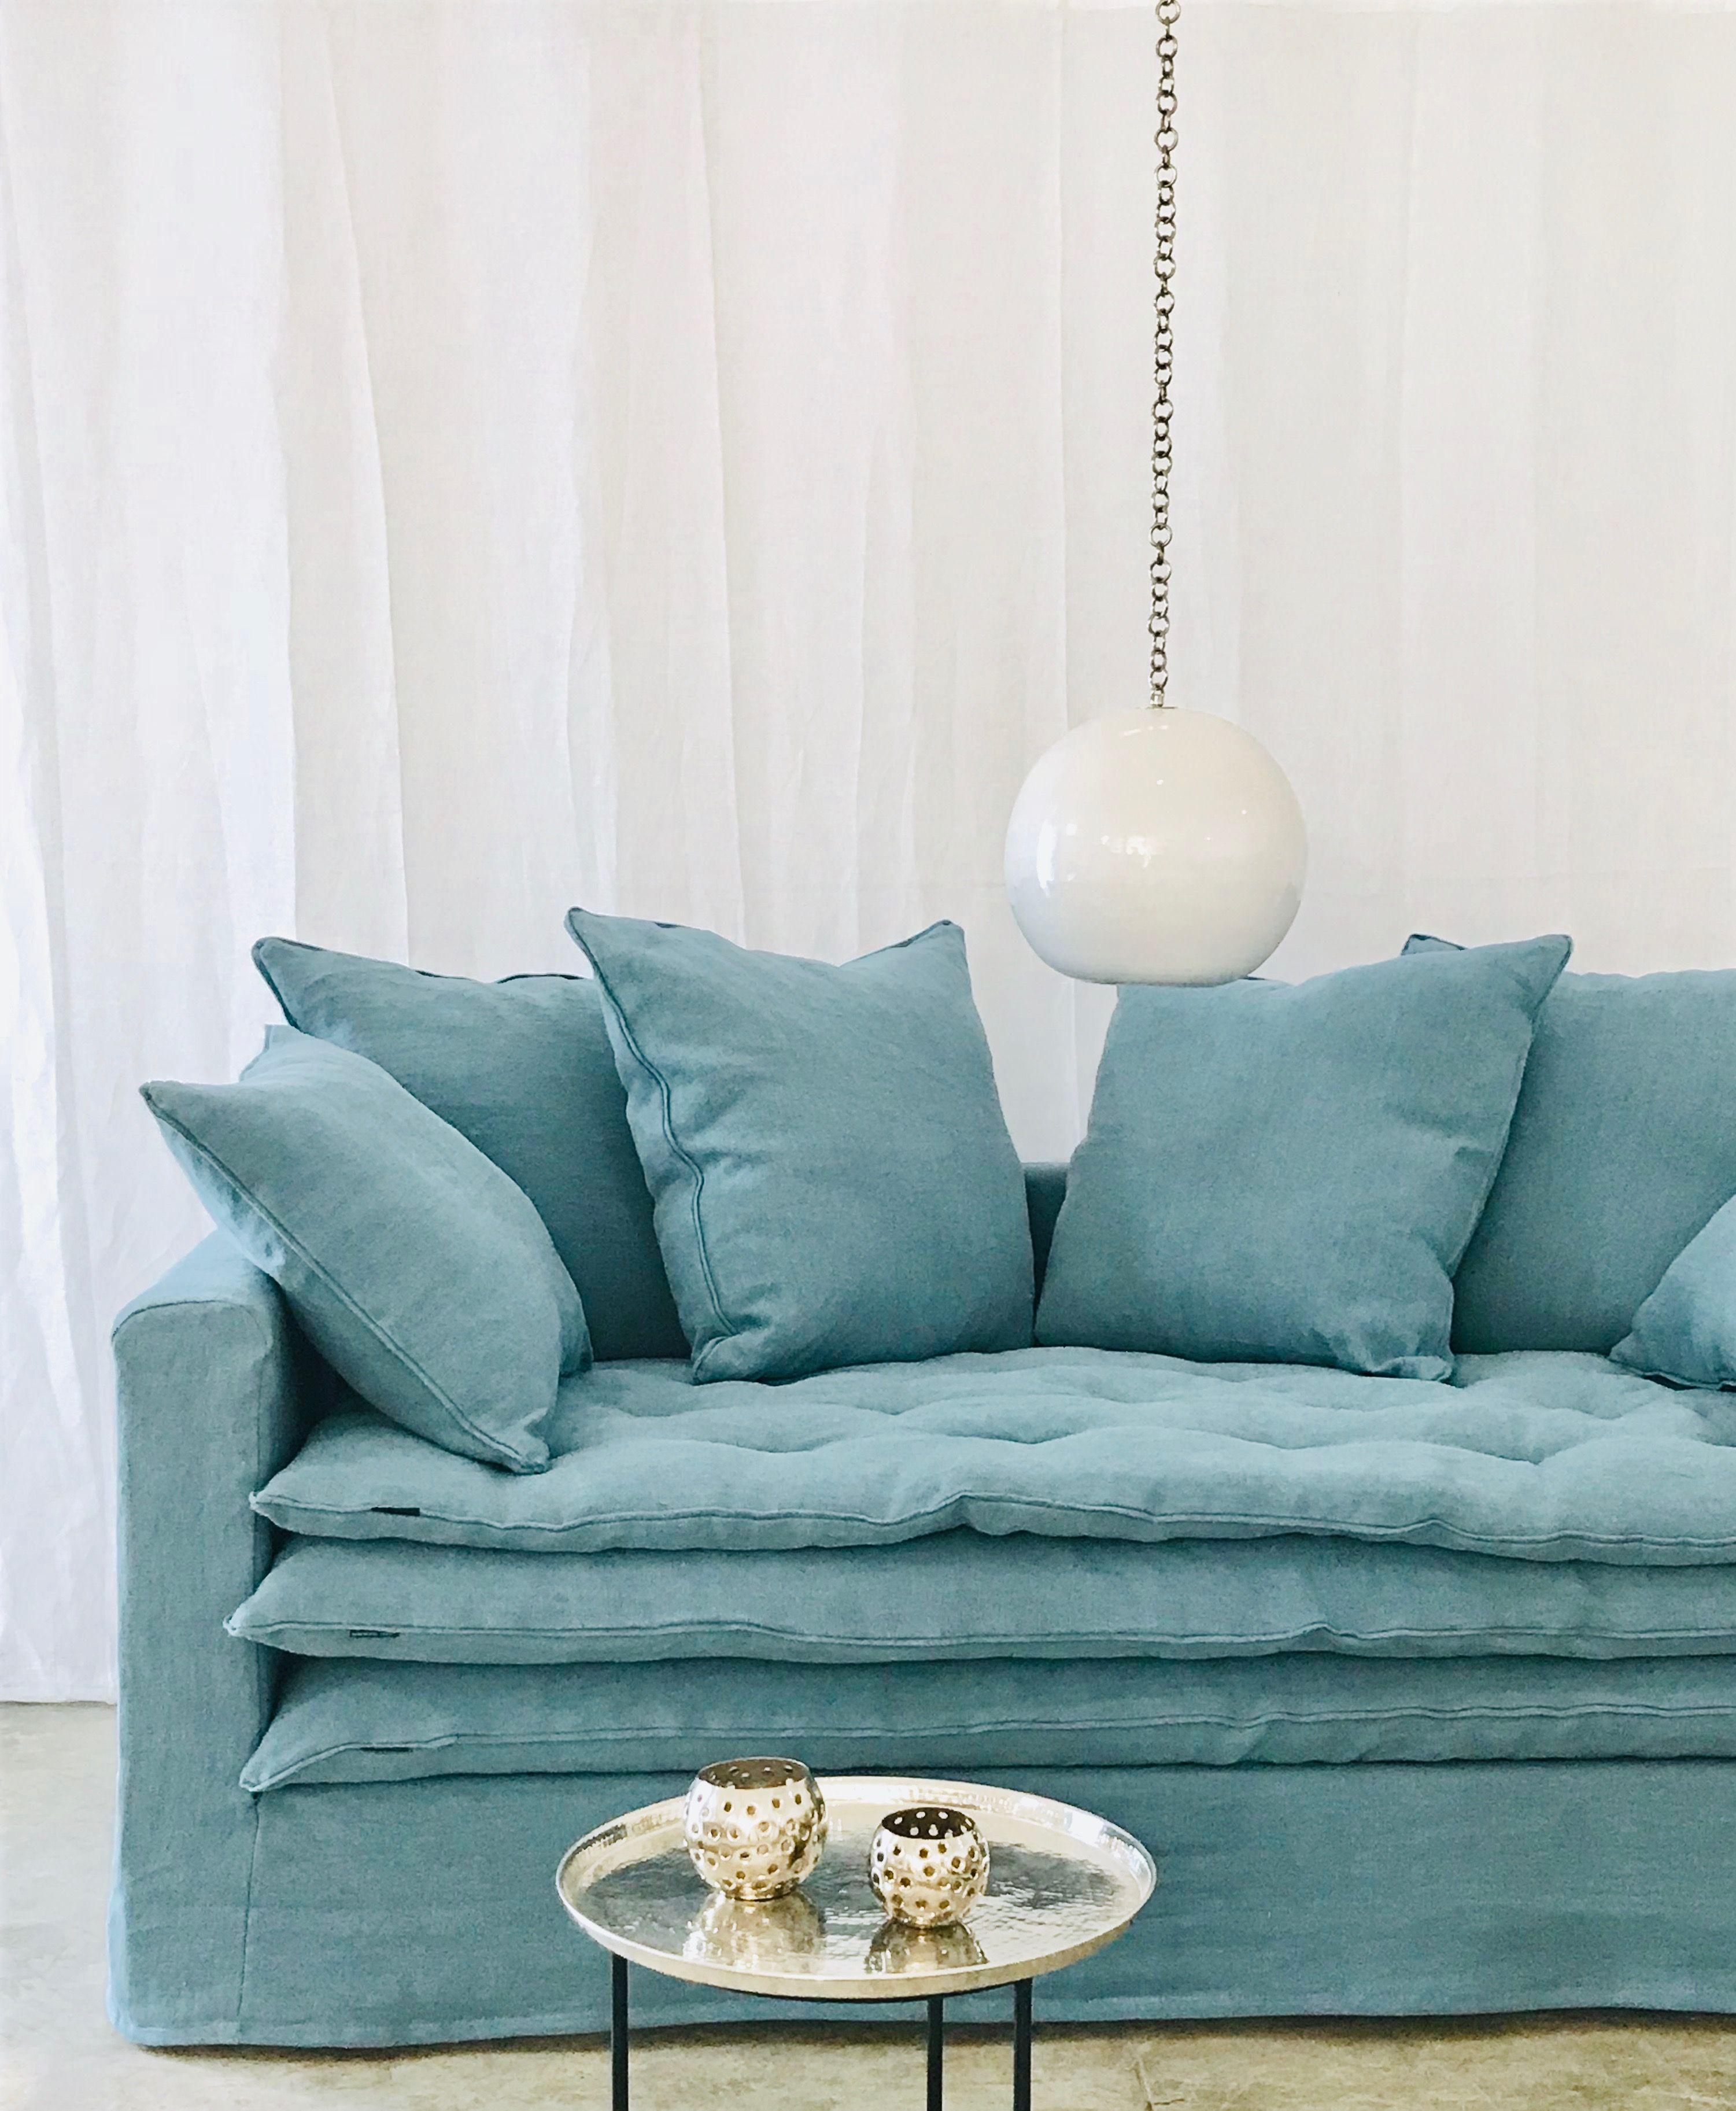 Canape Sur Mesure Boheme Lin Lave Bleu Ciel Mobilier De Salon Meuble De Style Decoration Maison